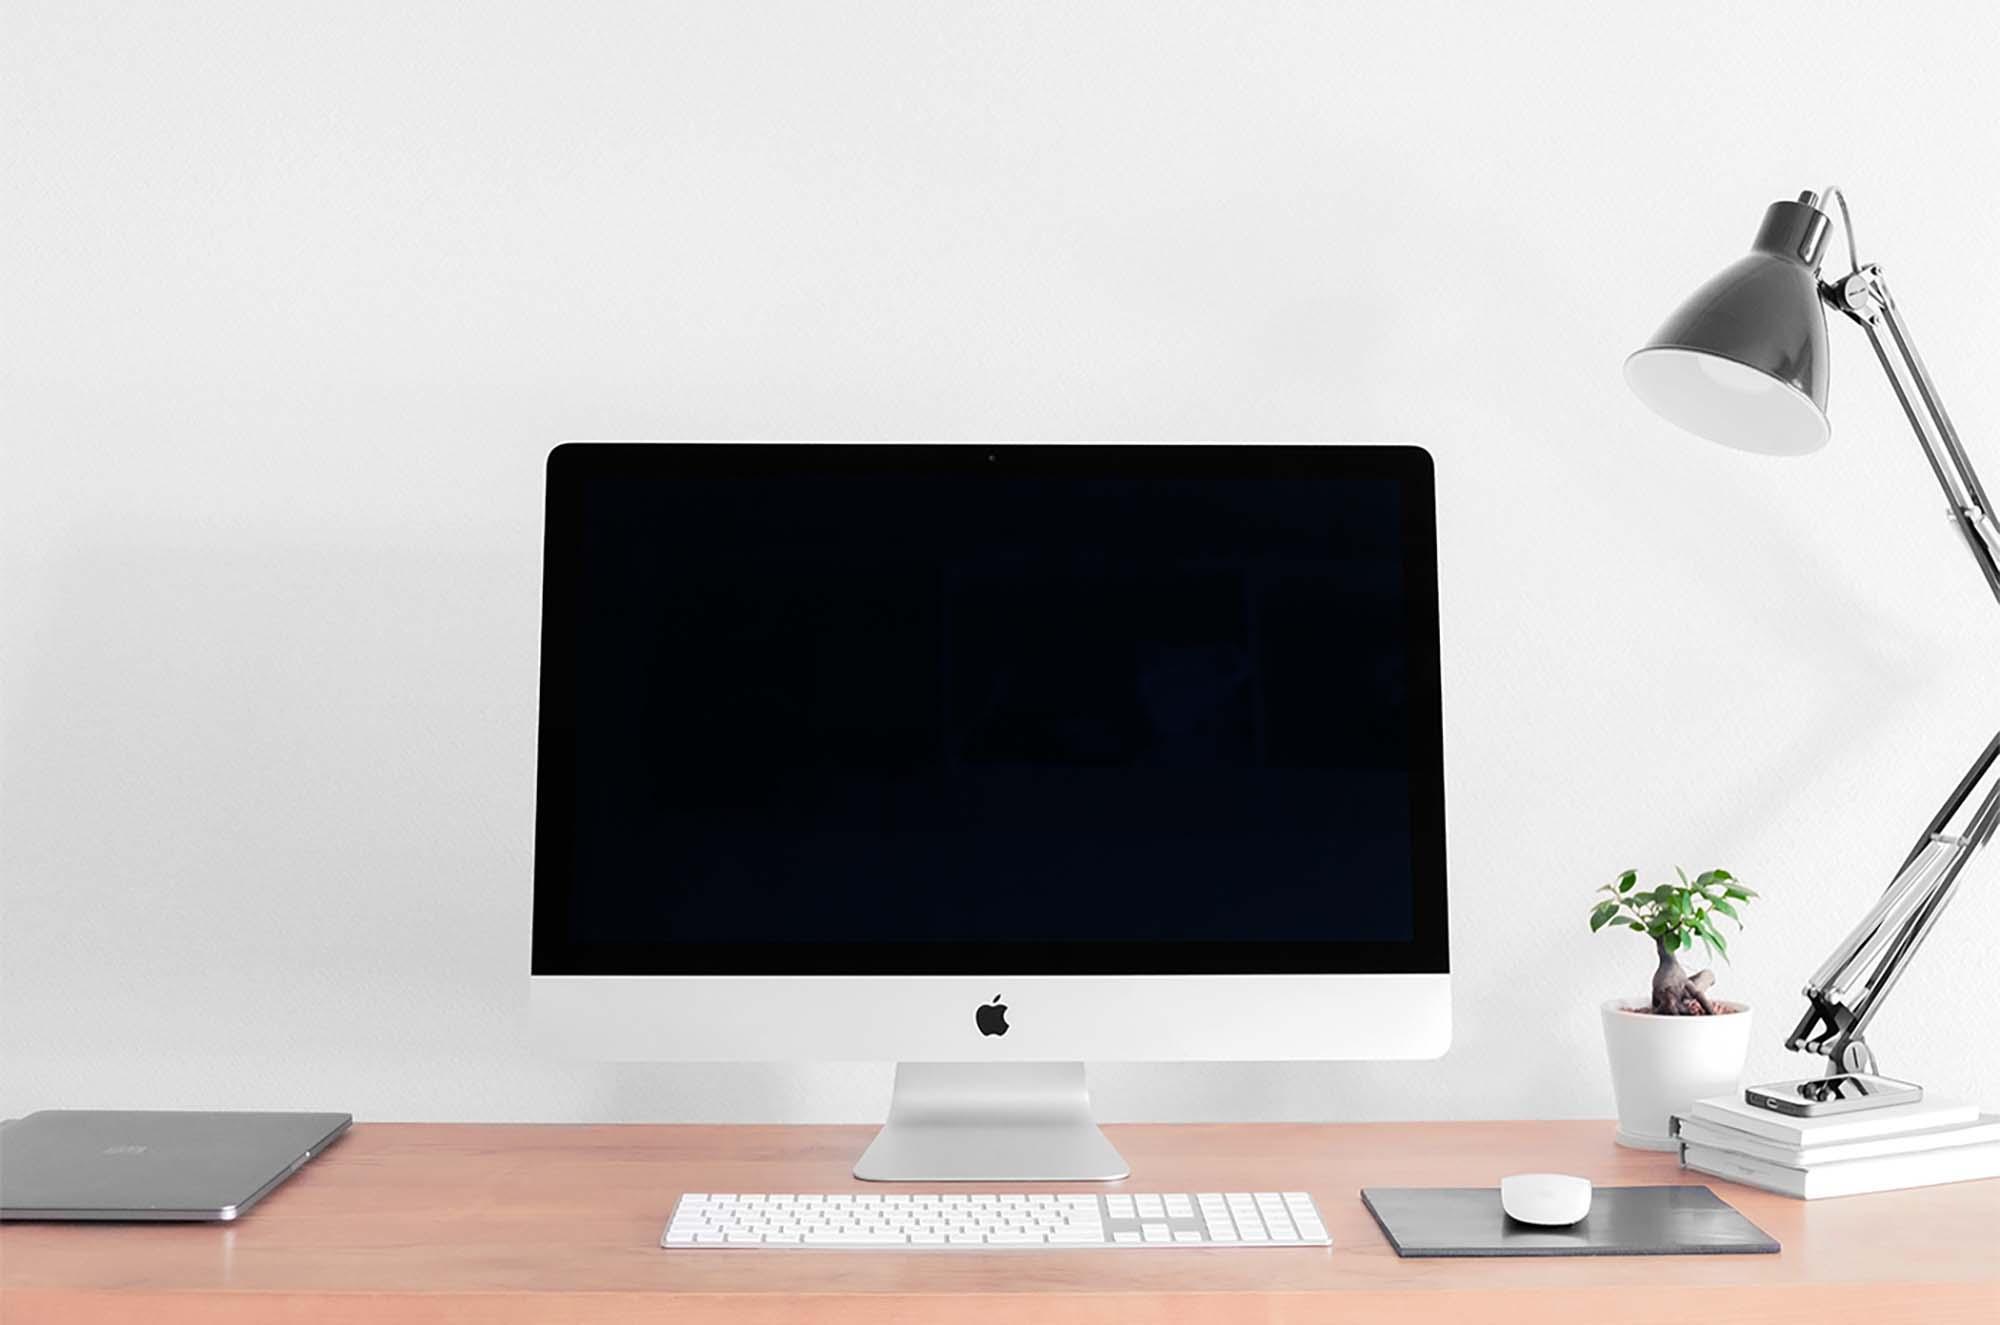 iMac on Desk Mockup 2